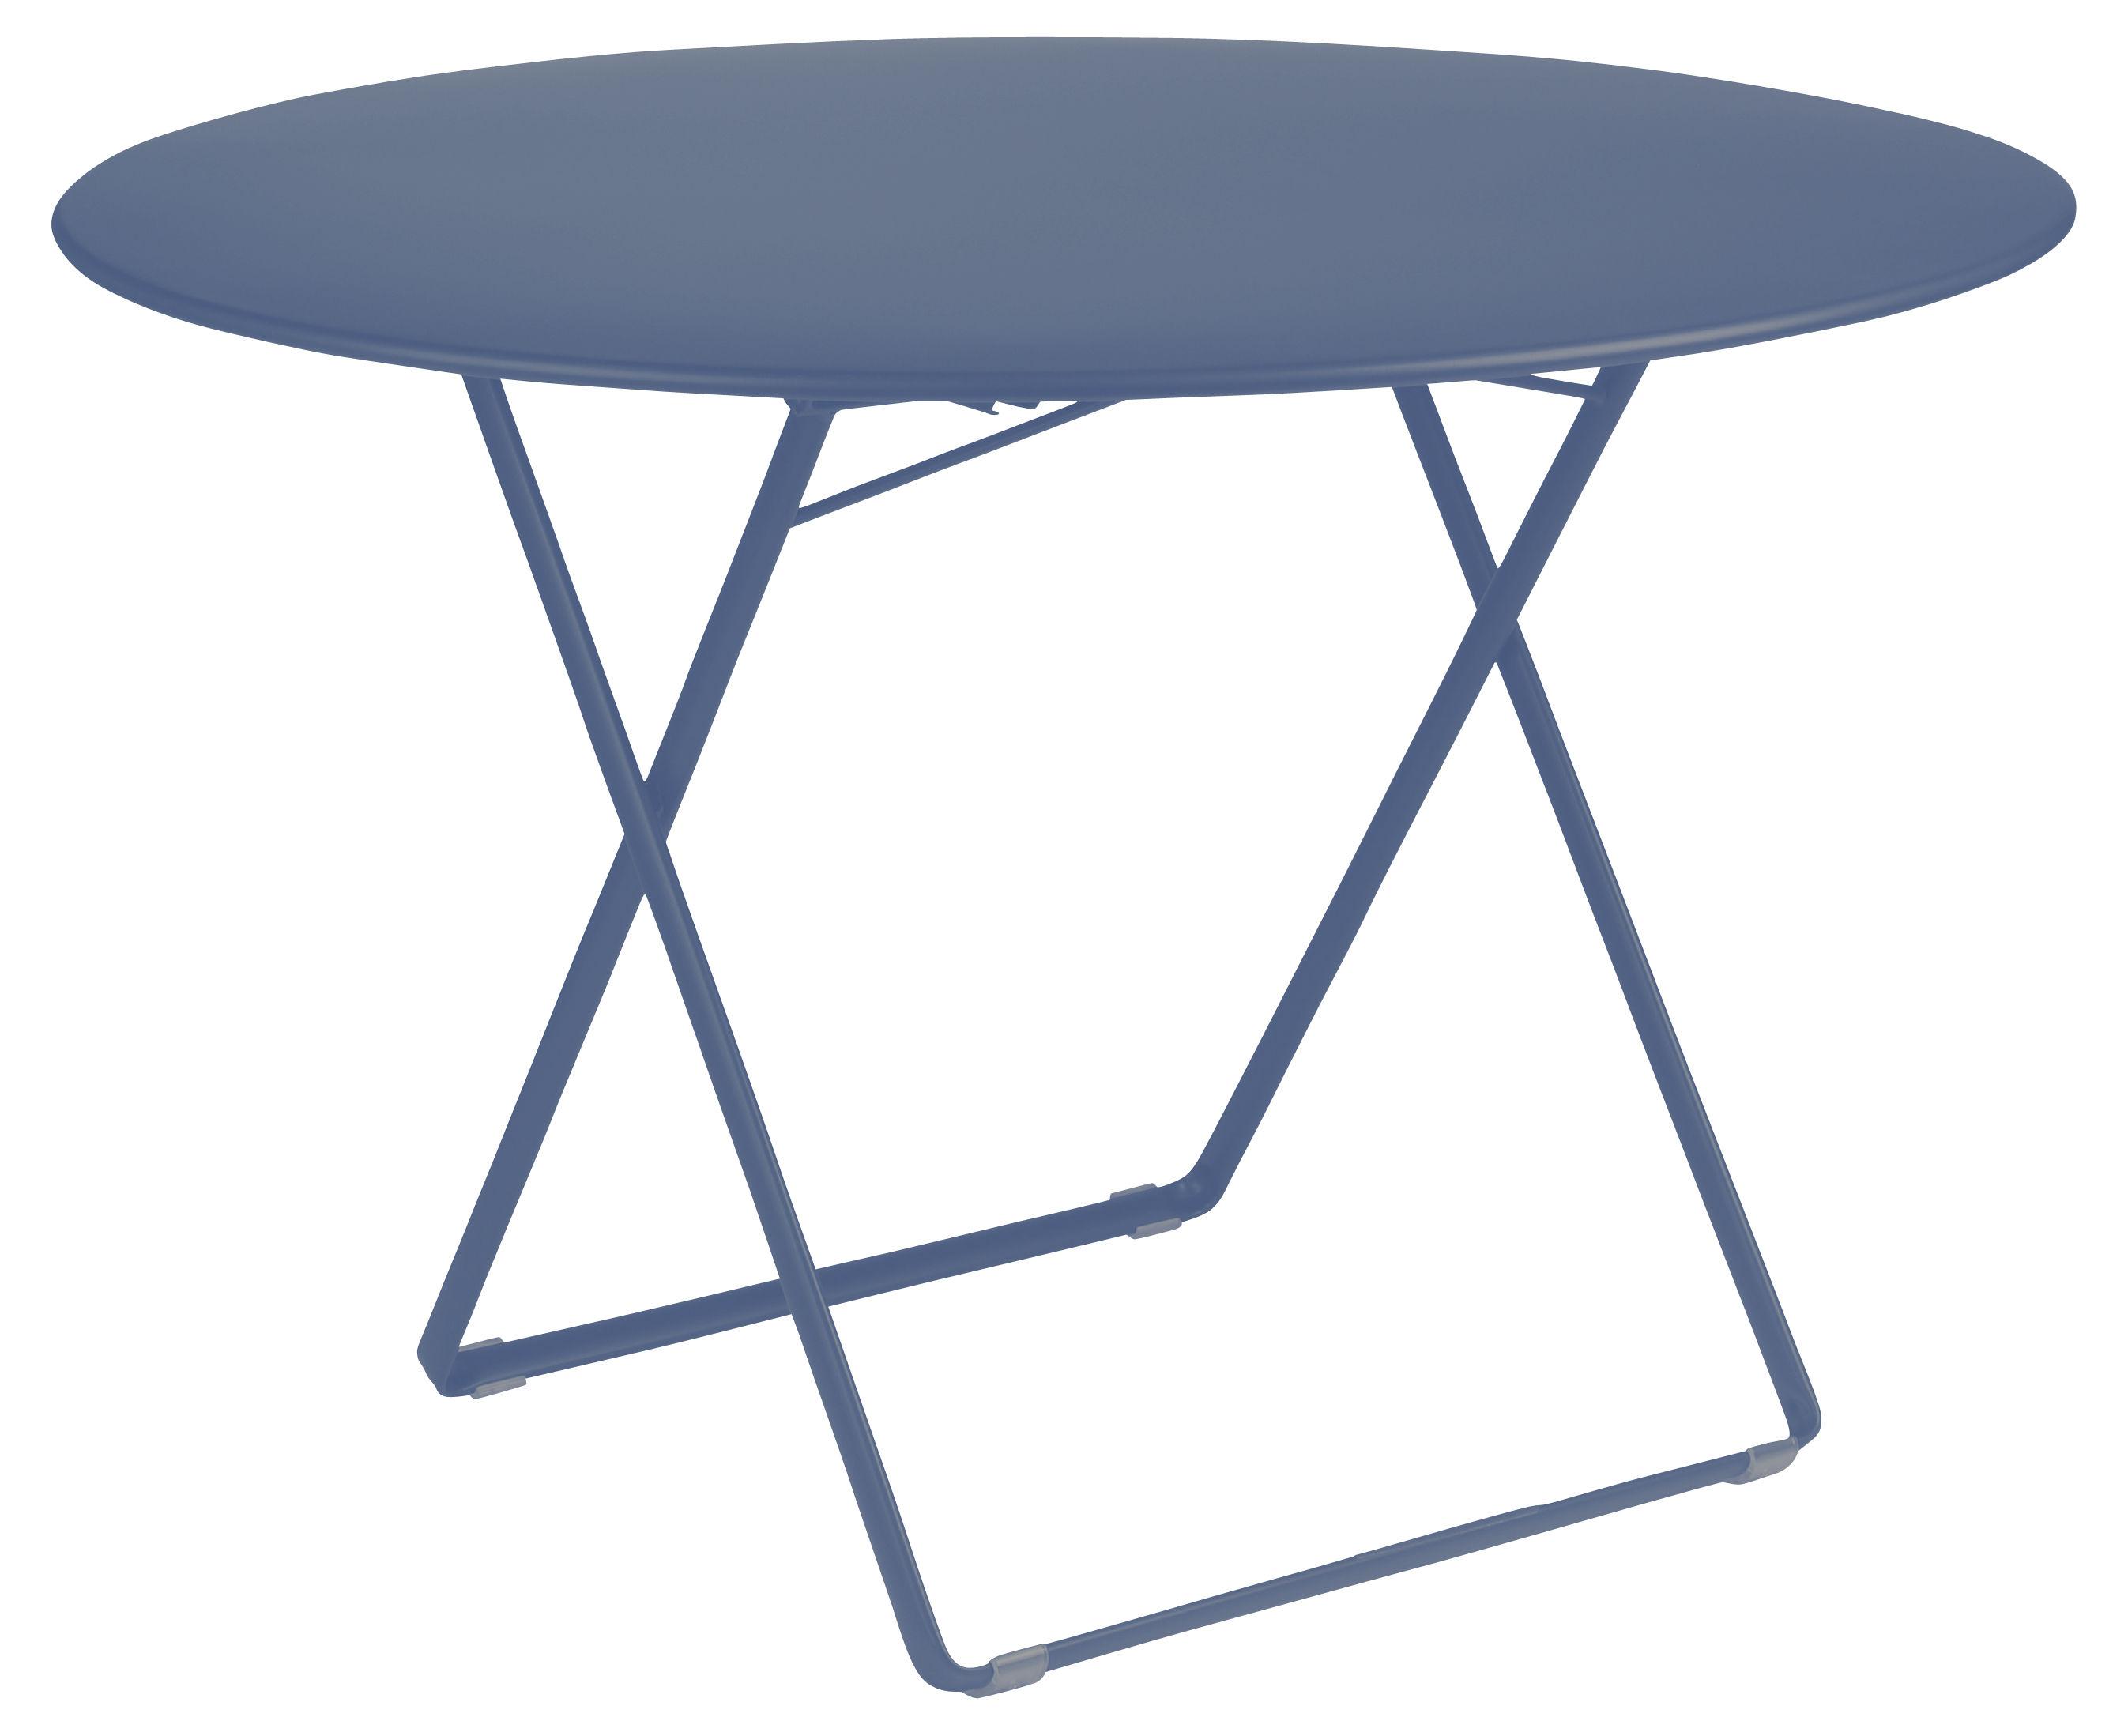 Scopri Tavolo Da Giardino Plein Air Tavolo Rotondo 120